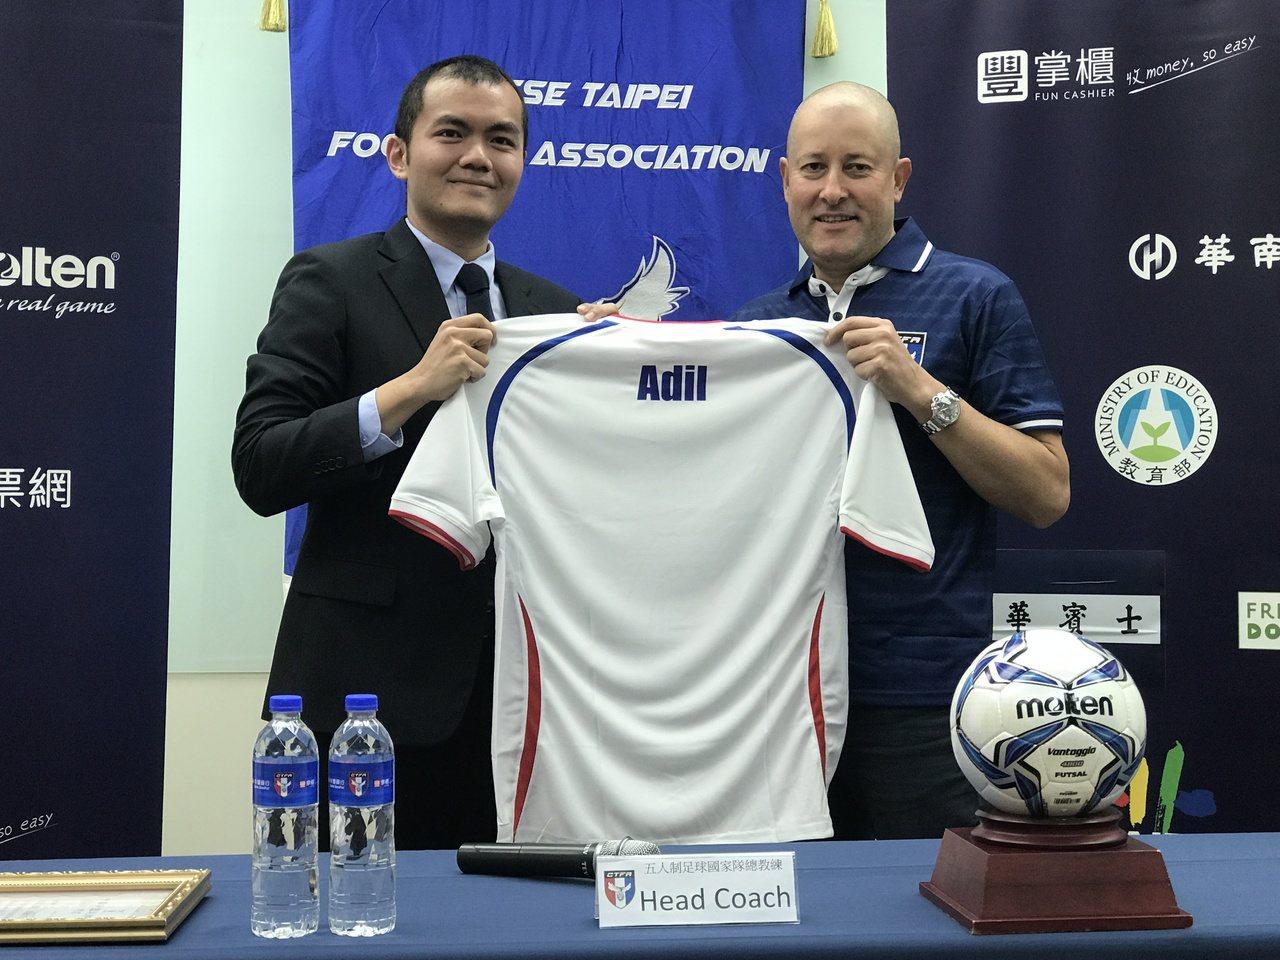 中華足球協會聘用巴西籍的知名五人制教練阿迪爾(右)。記者毛琬婷/攝影